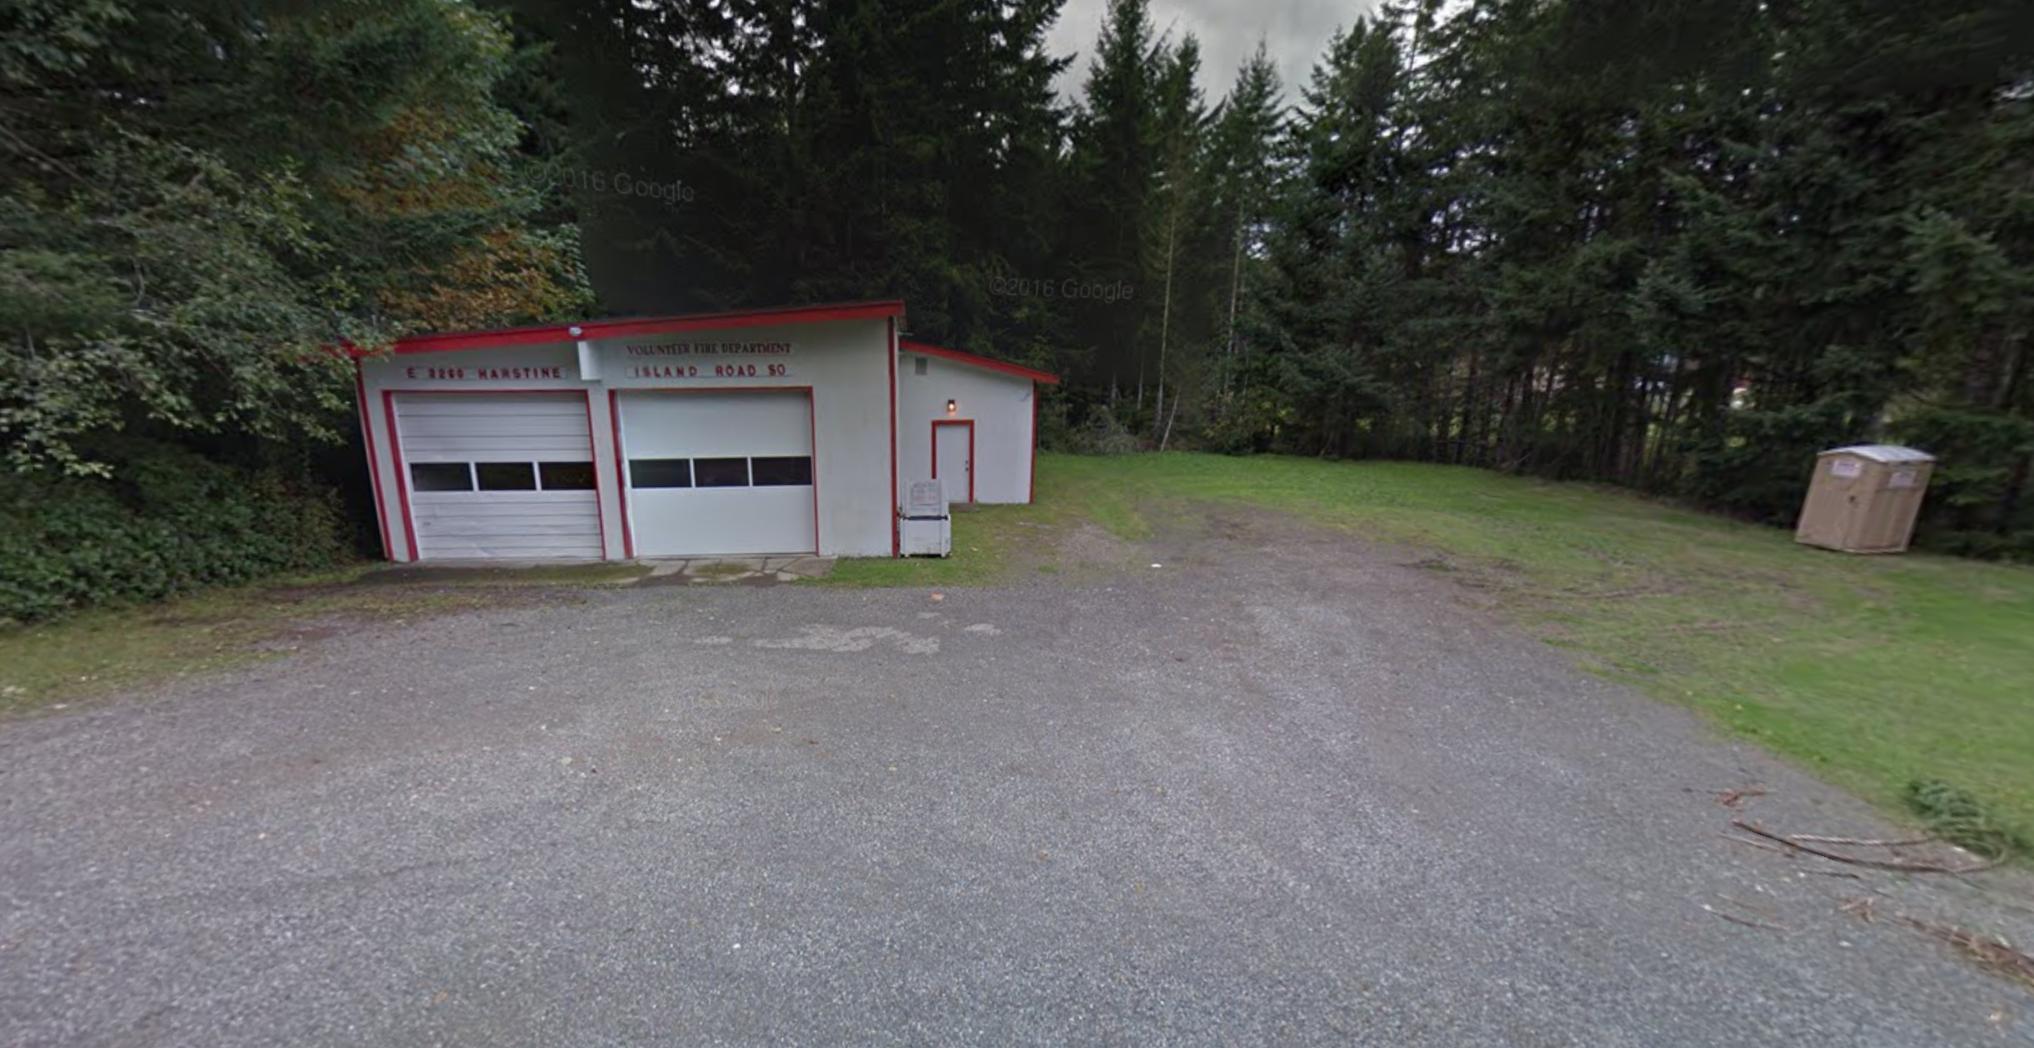 Station 5-11 - Harstine Island South Fire Station  2260 E Harstine Island Rd South, Shelton WA